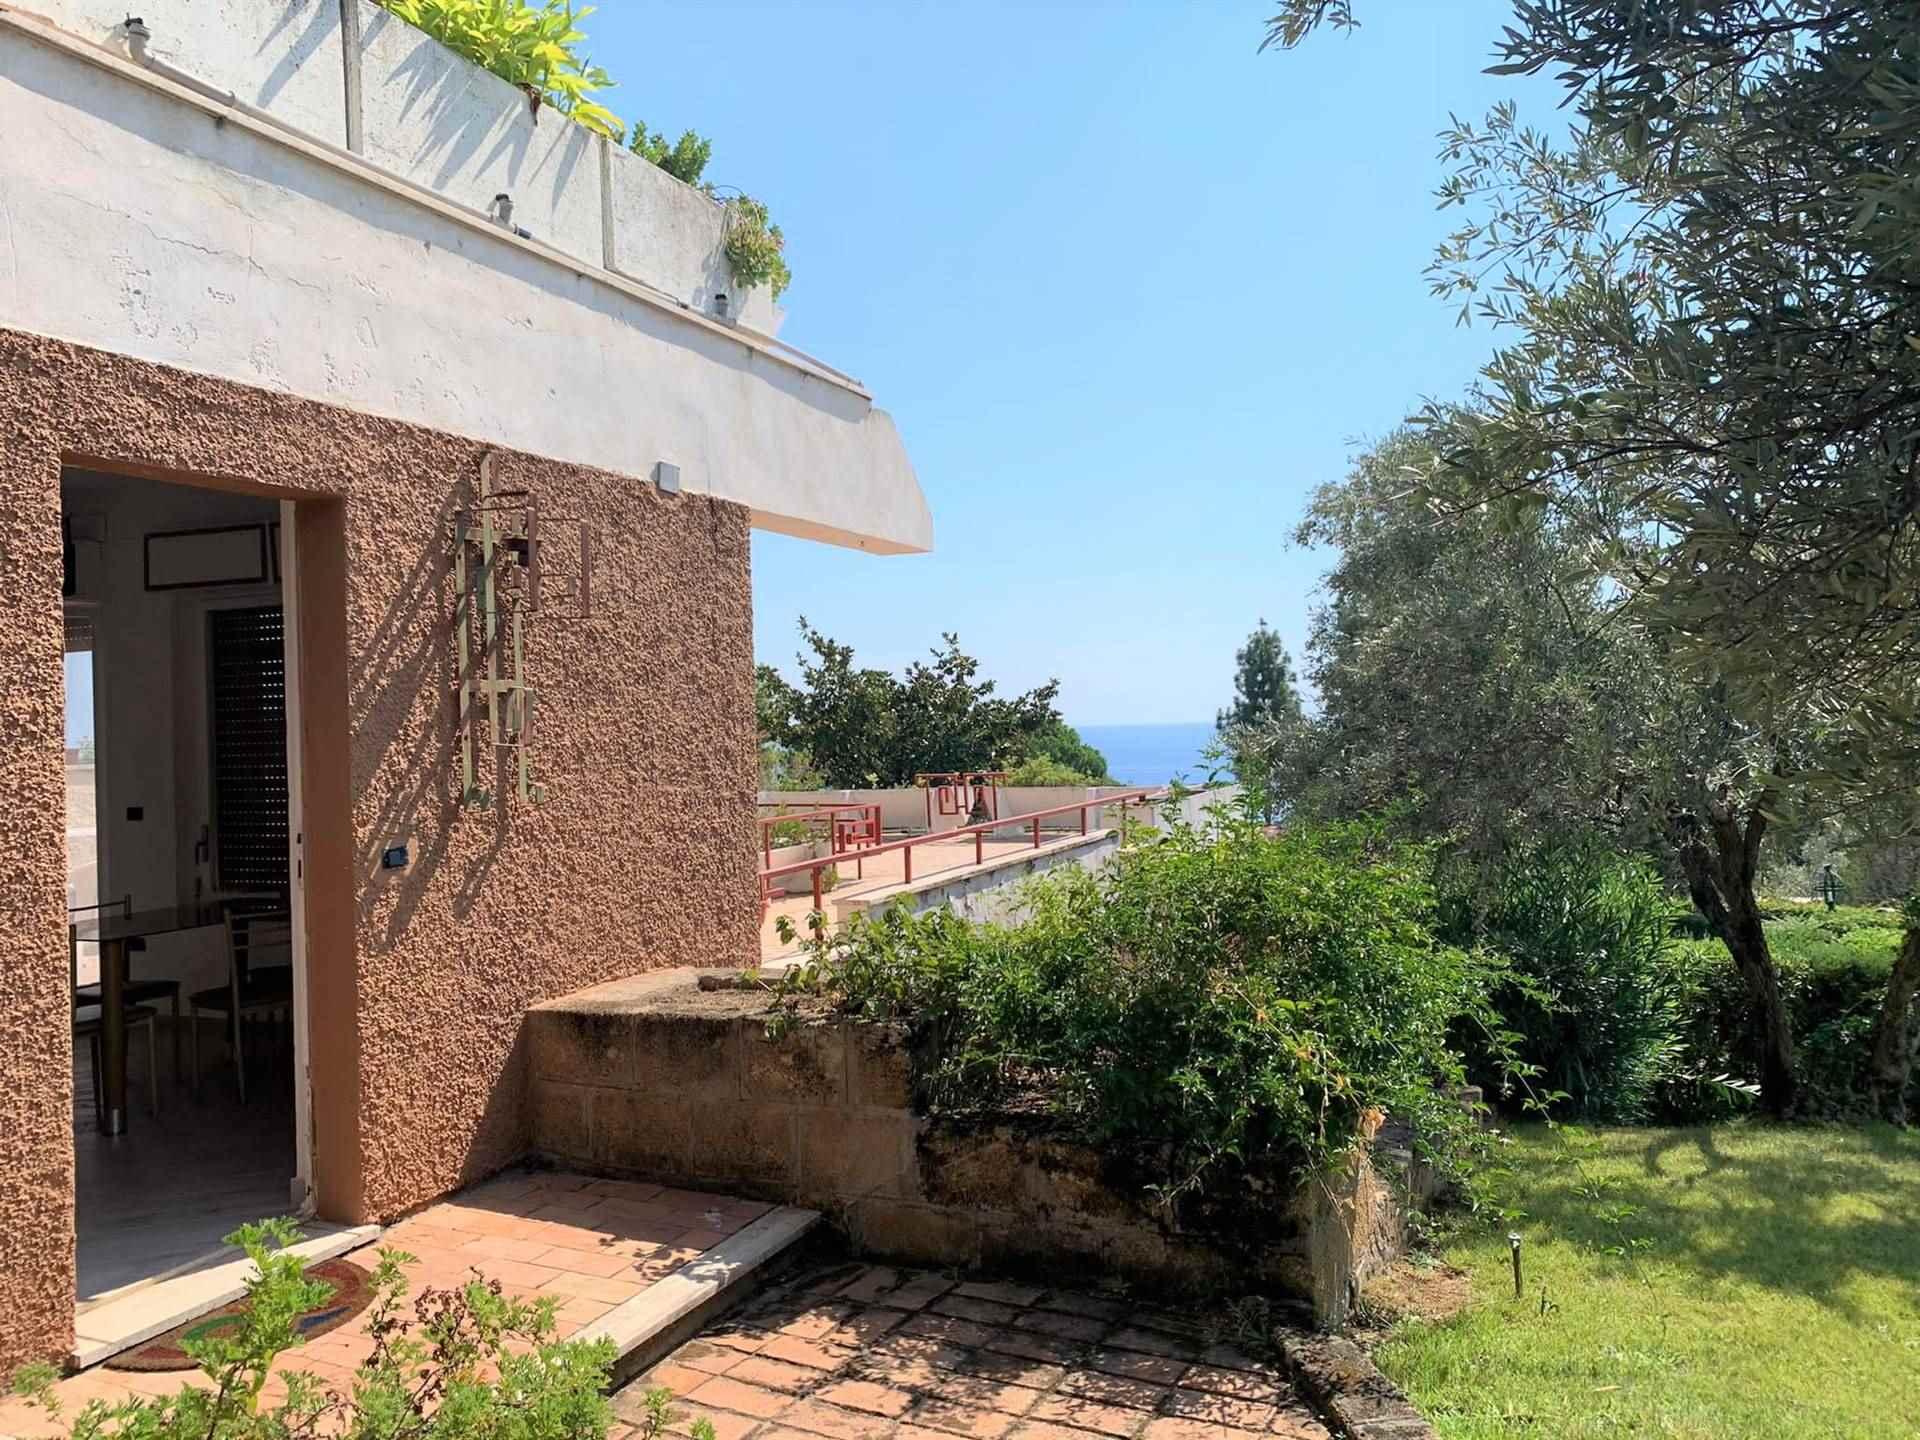 Appartamento in vendita a Montauro, 3 locali, zona Località: COSTARABA, prezzo € 120.000 | CambioCasa.it